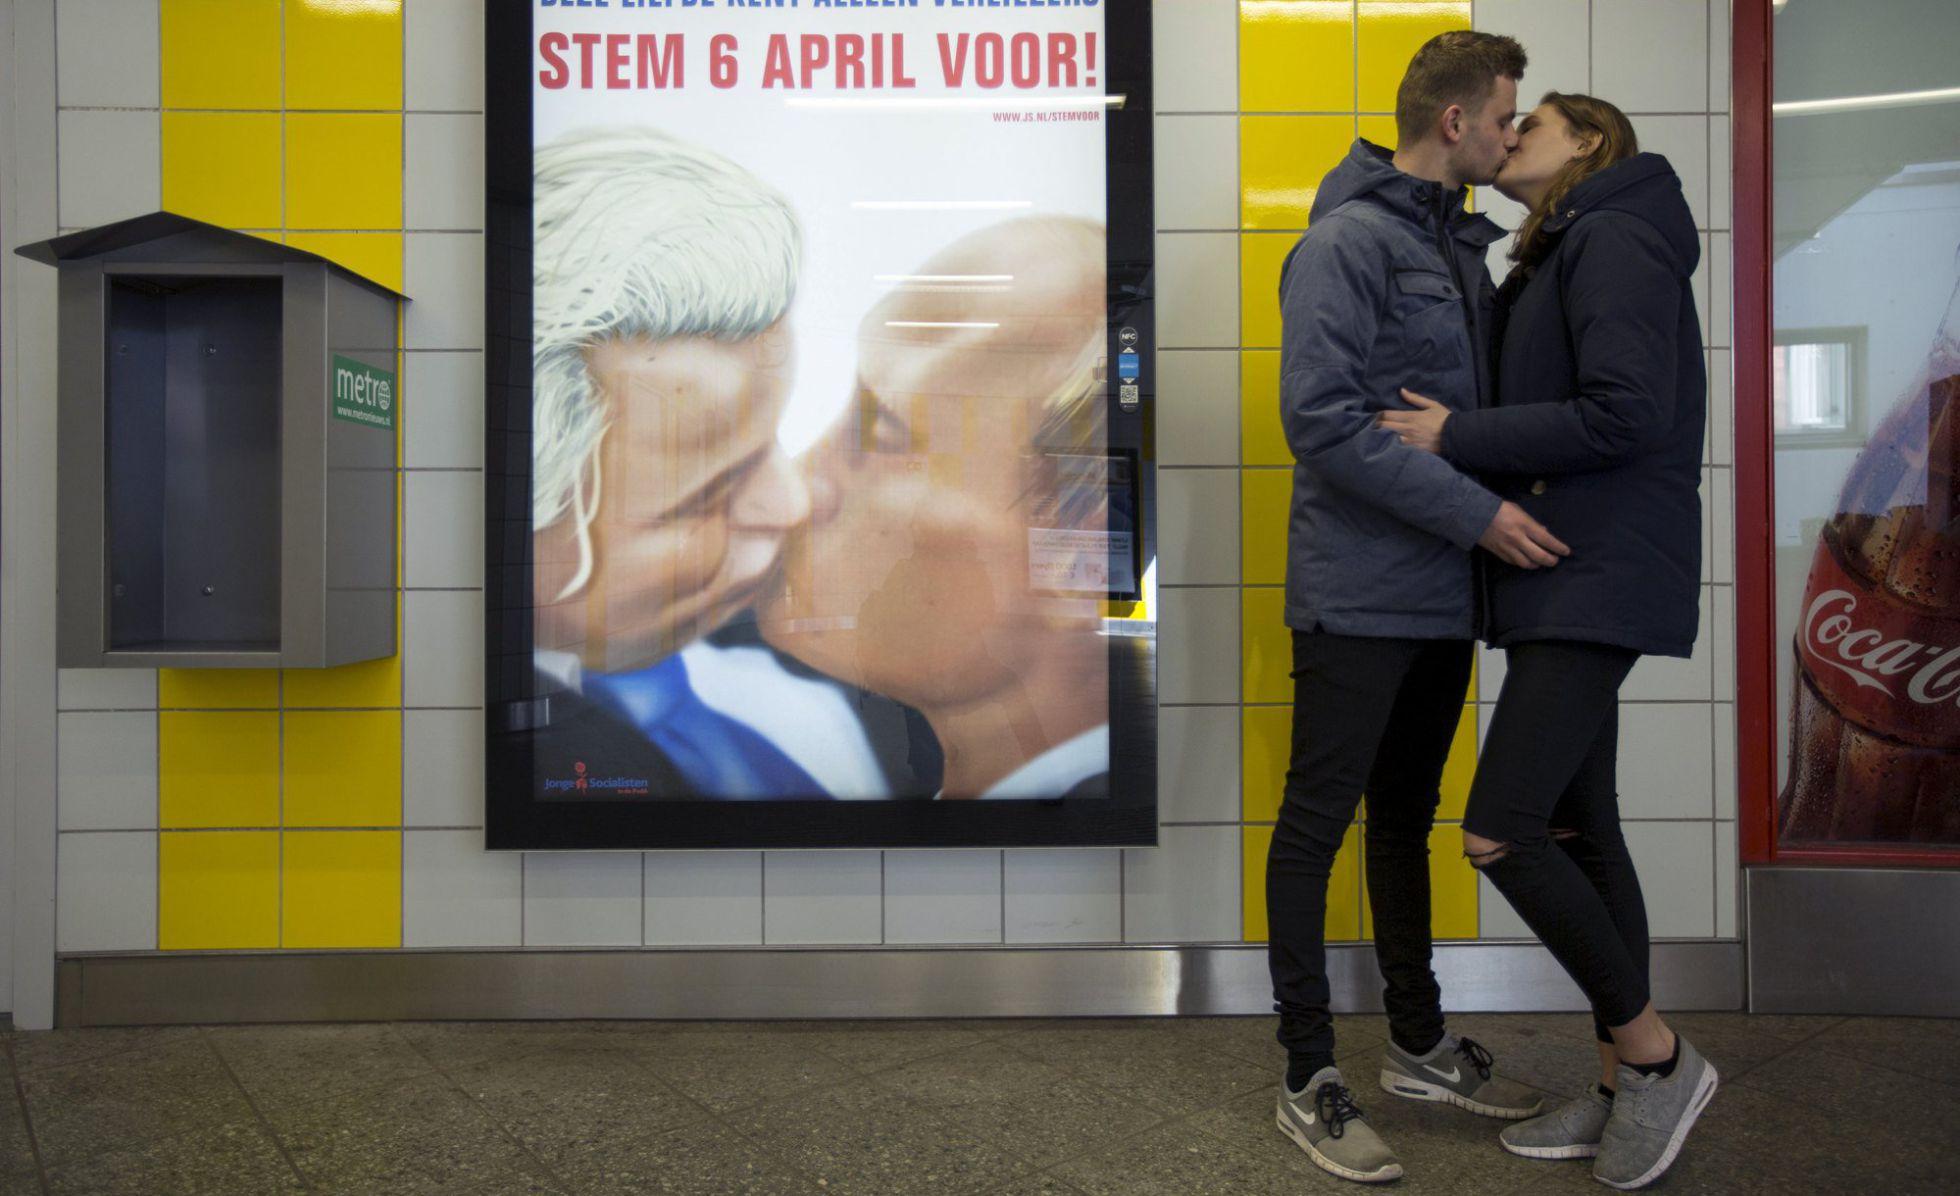 Una pareja se besa junto a un poster con una caricatura en la que el político holandés Geert Wilders besa al presidente ruso Valdímir Putin en el metro de Ámsterdam. Foto por Cris Toala Olivares, REUTERS